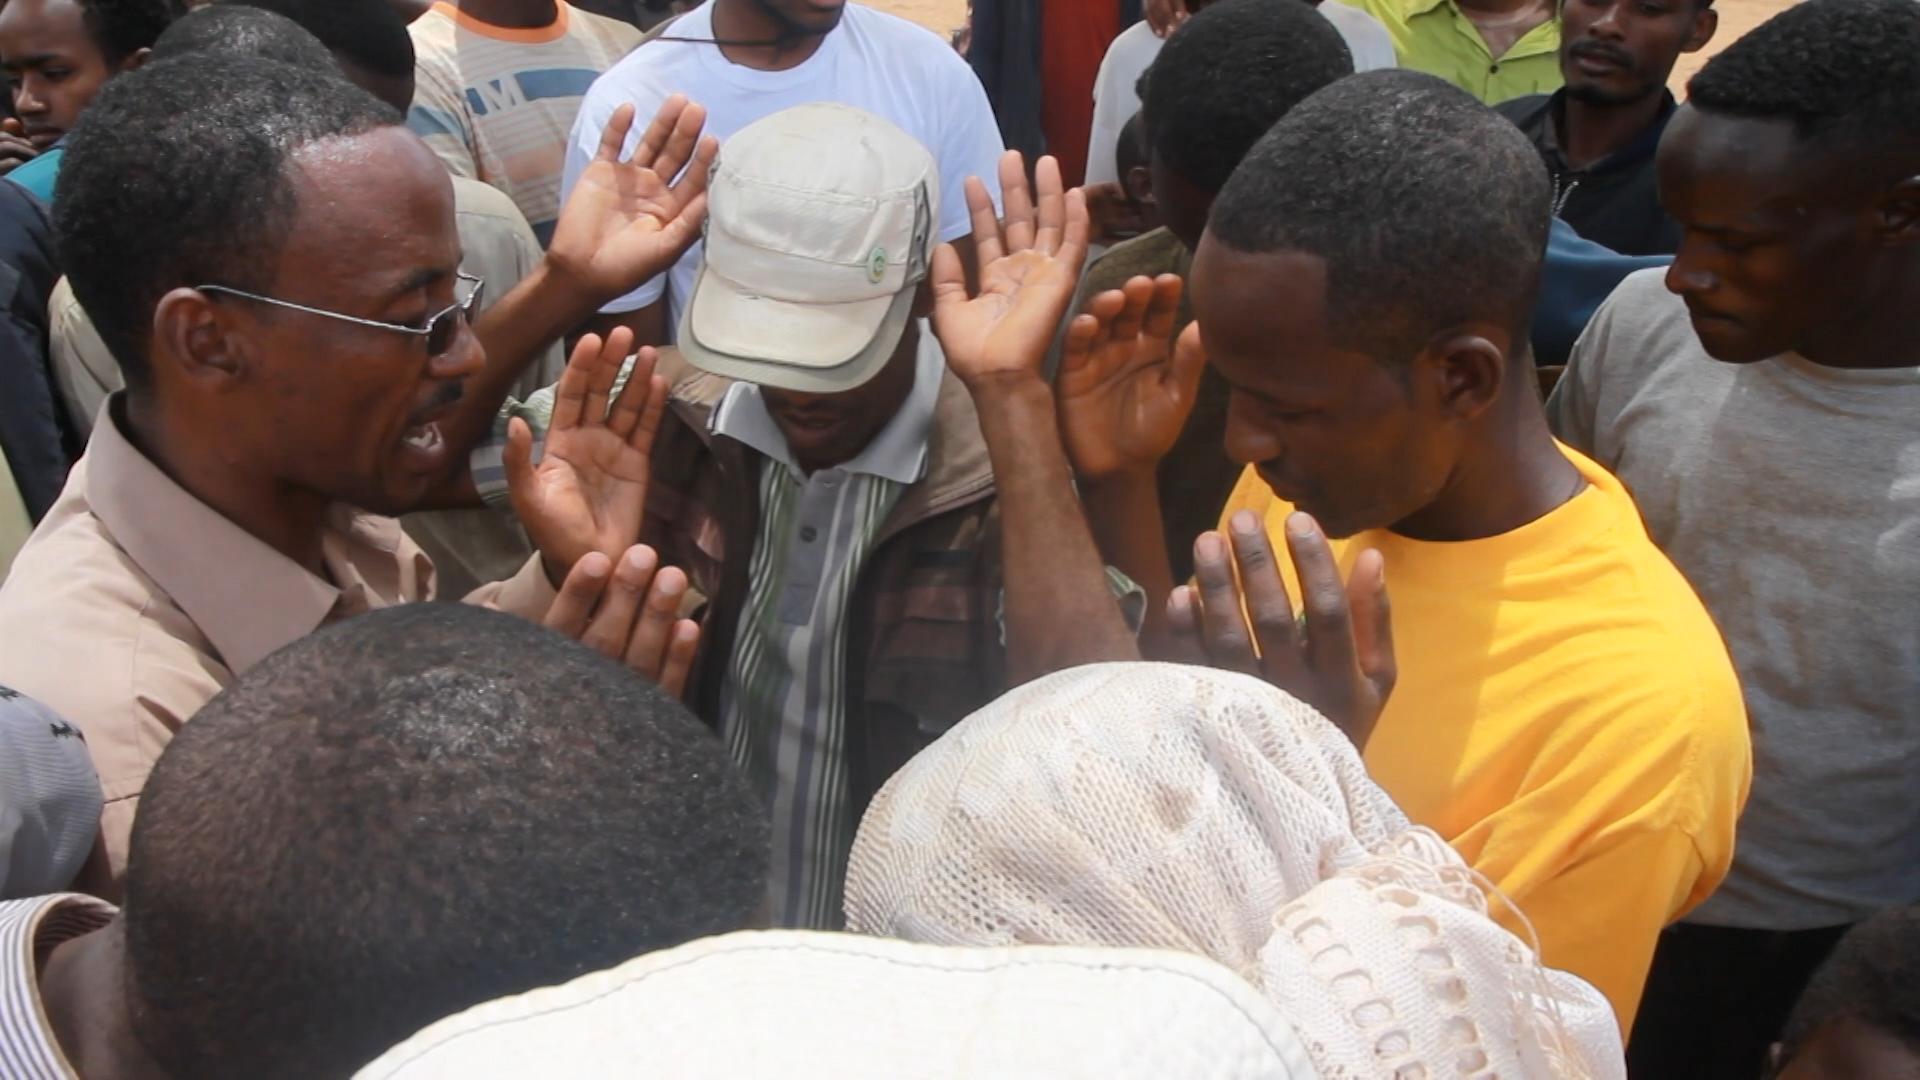 People praying.